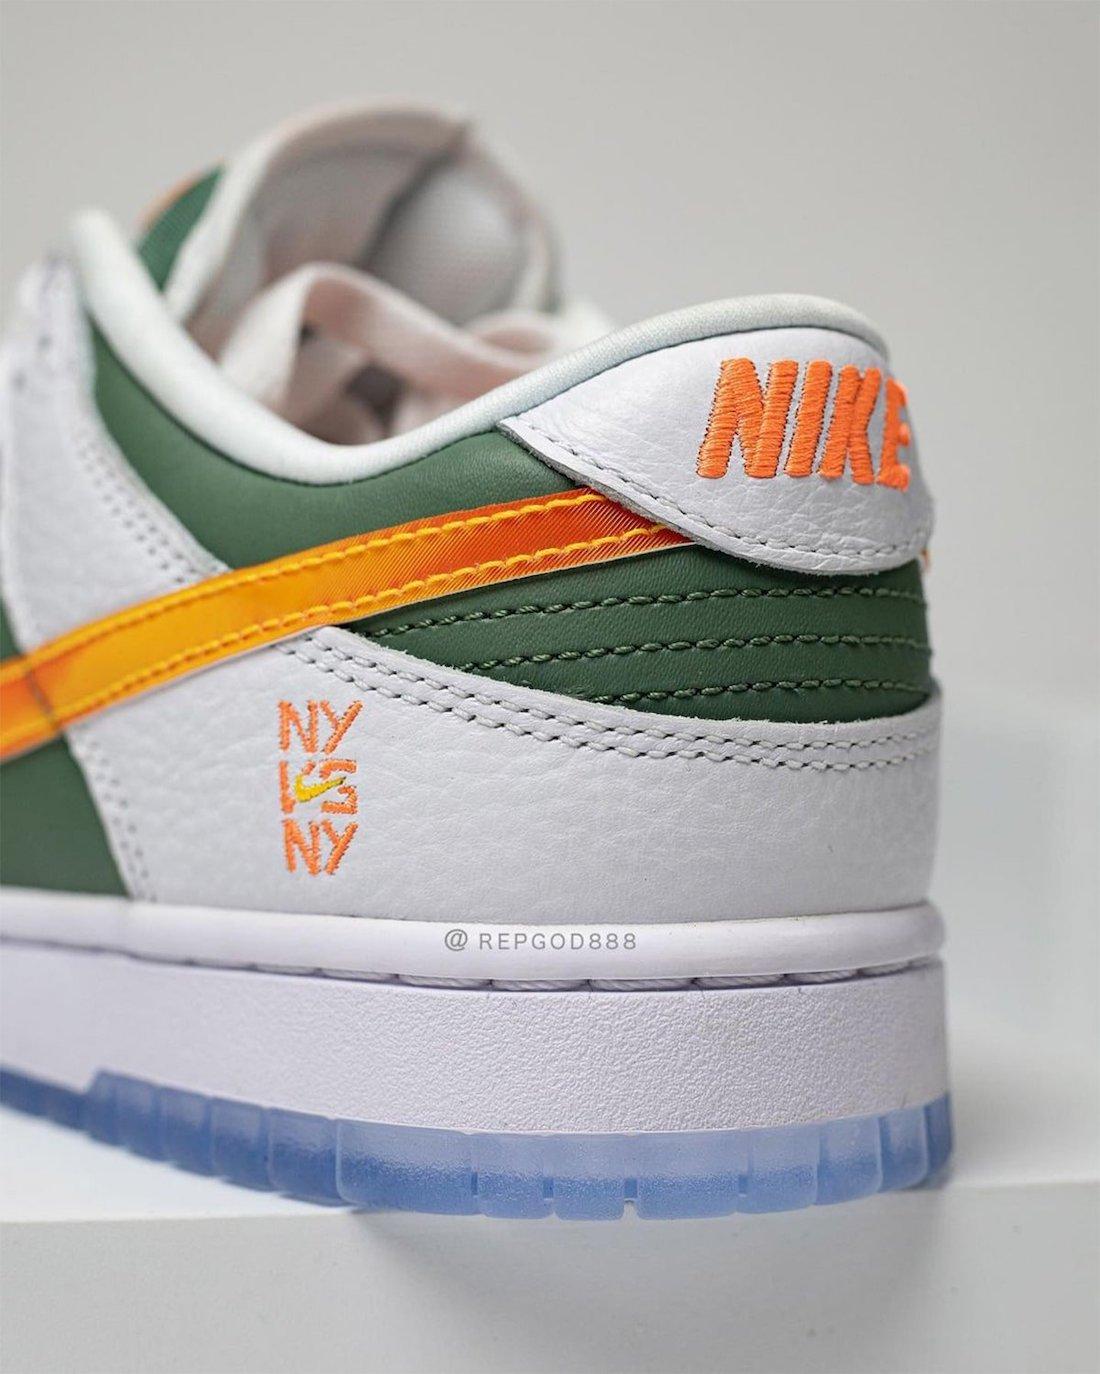 Nike Dunk Low NY vs NY Nike Dunk Low NY vs NY DN2489-300 Release Date Info